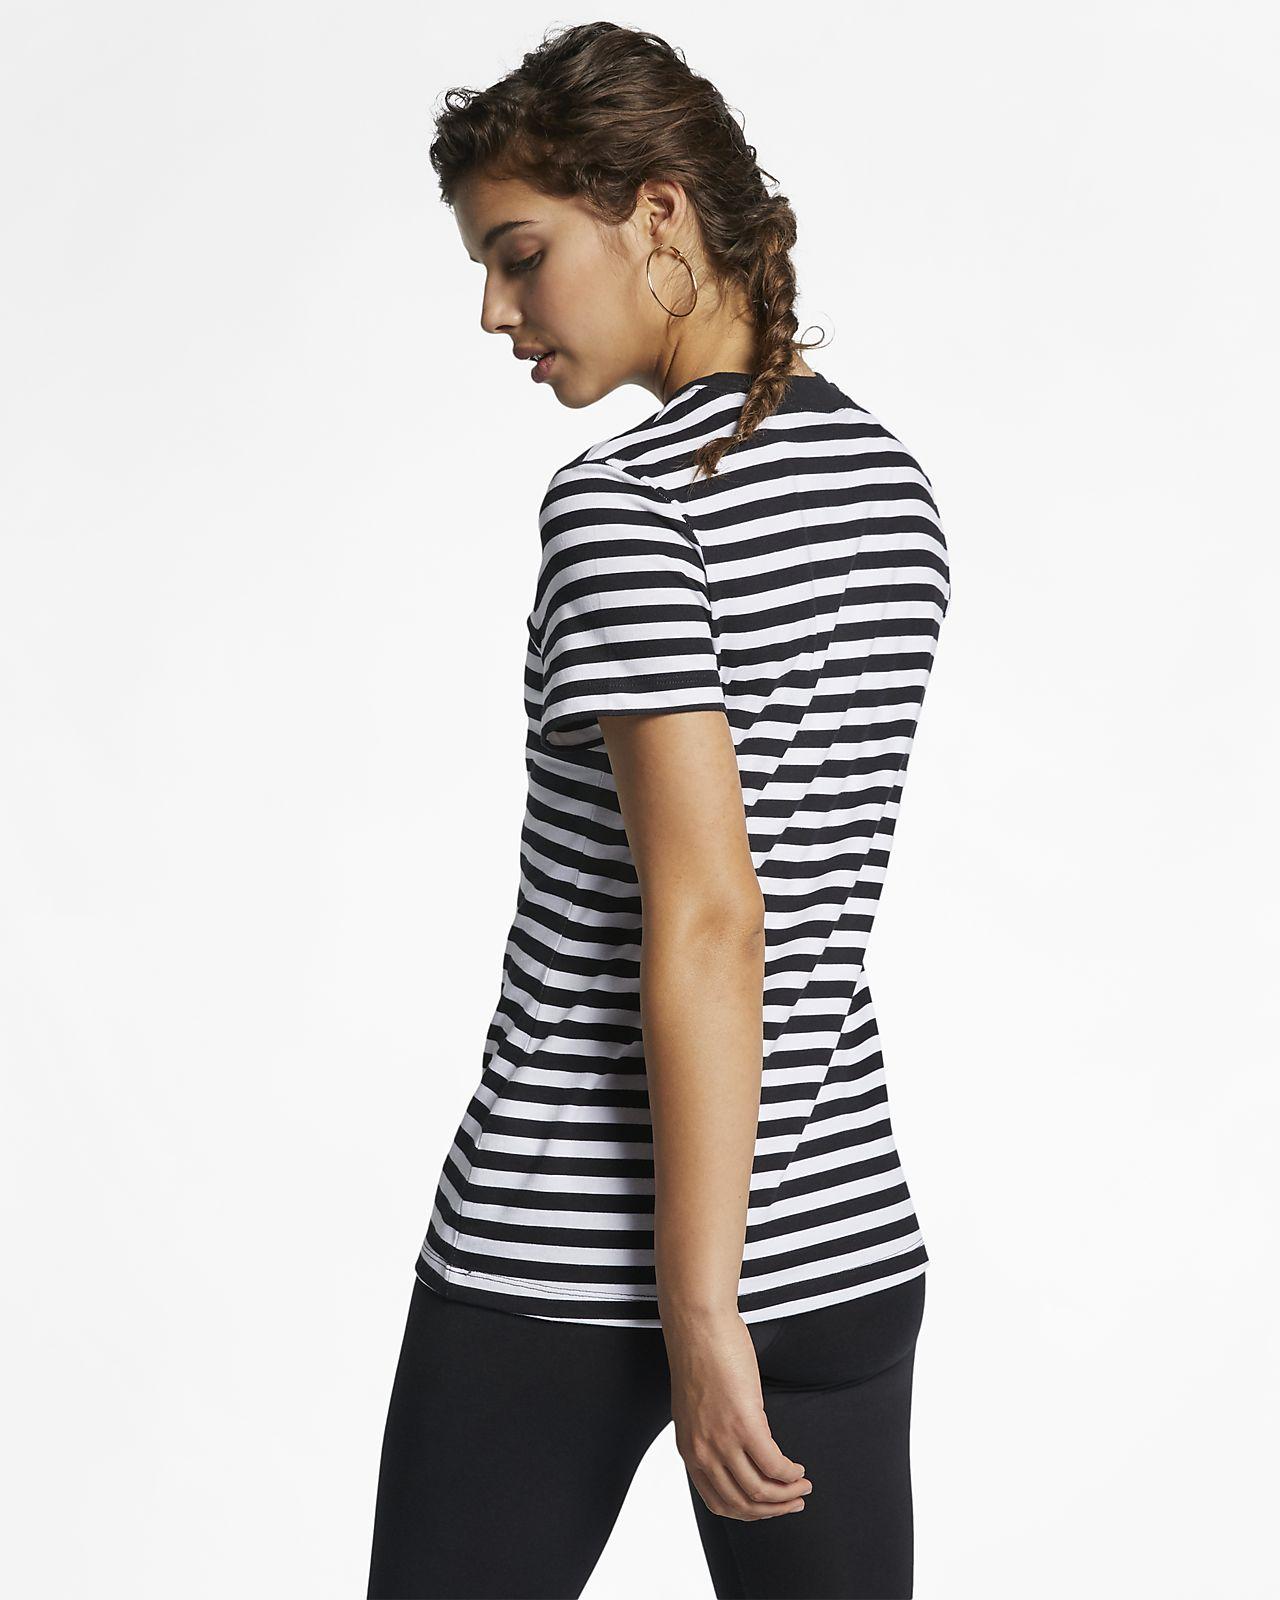 43b132bf Nike Sportswear Women's T-Shirt. Nike.com GB